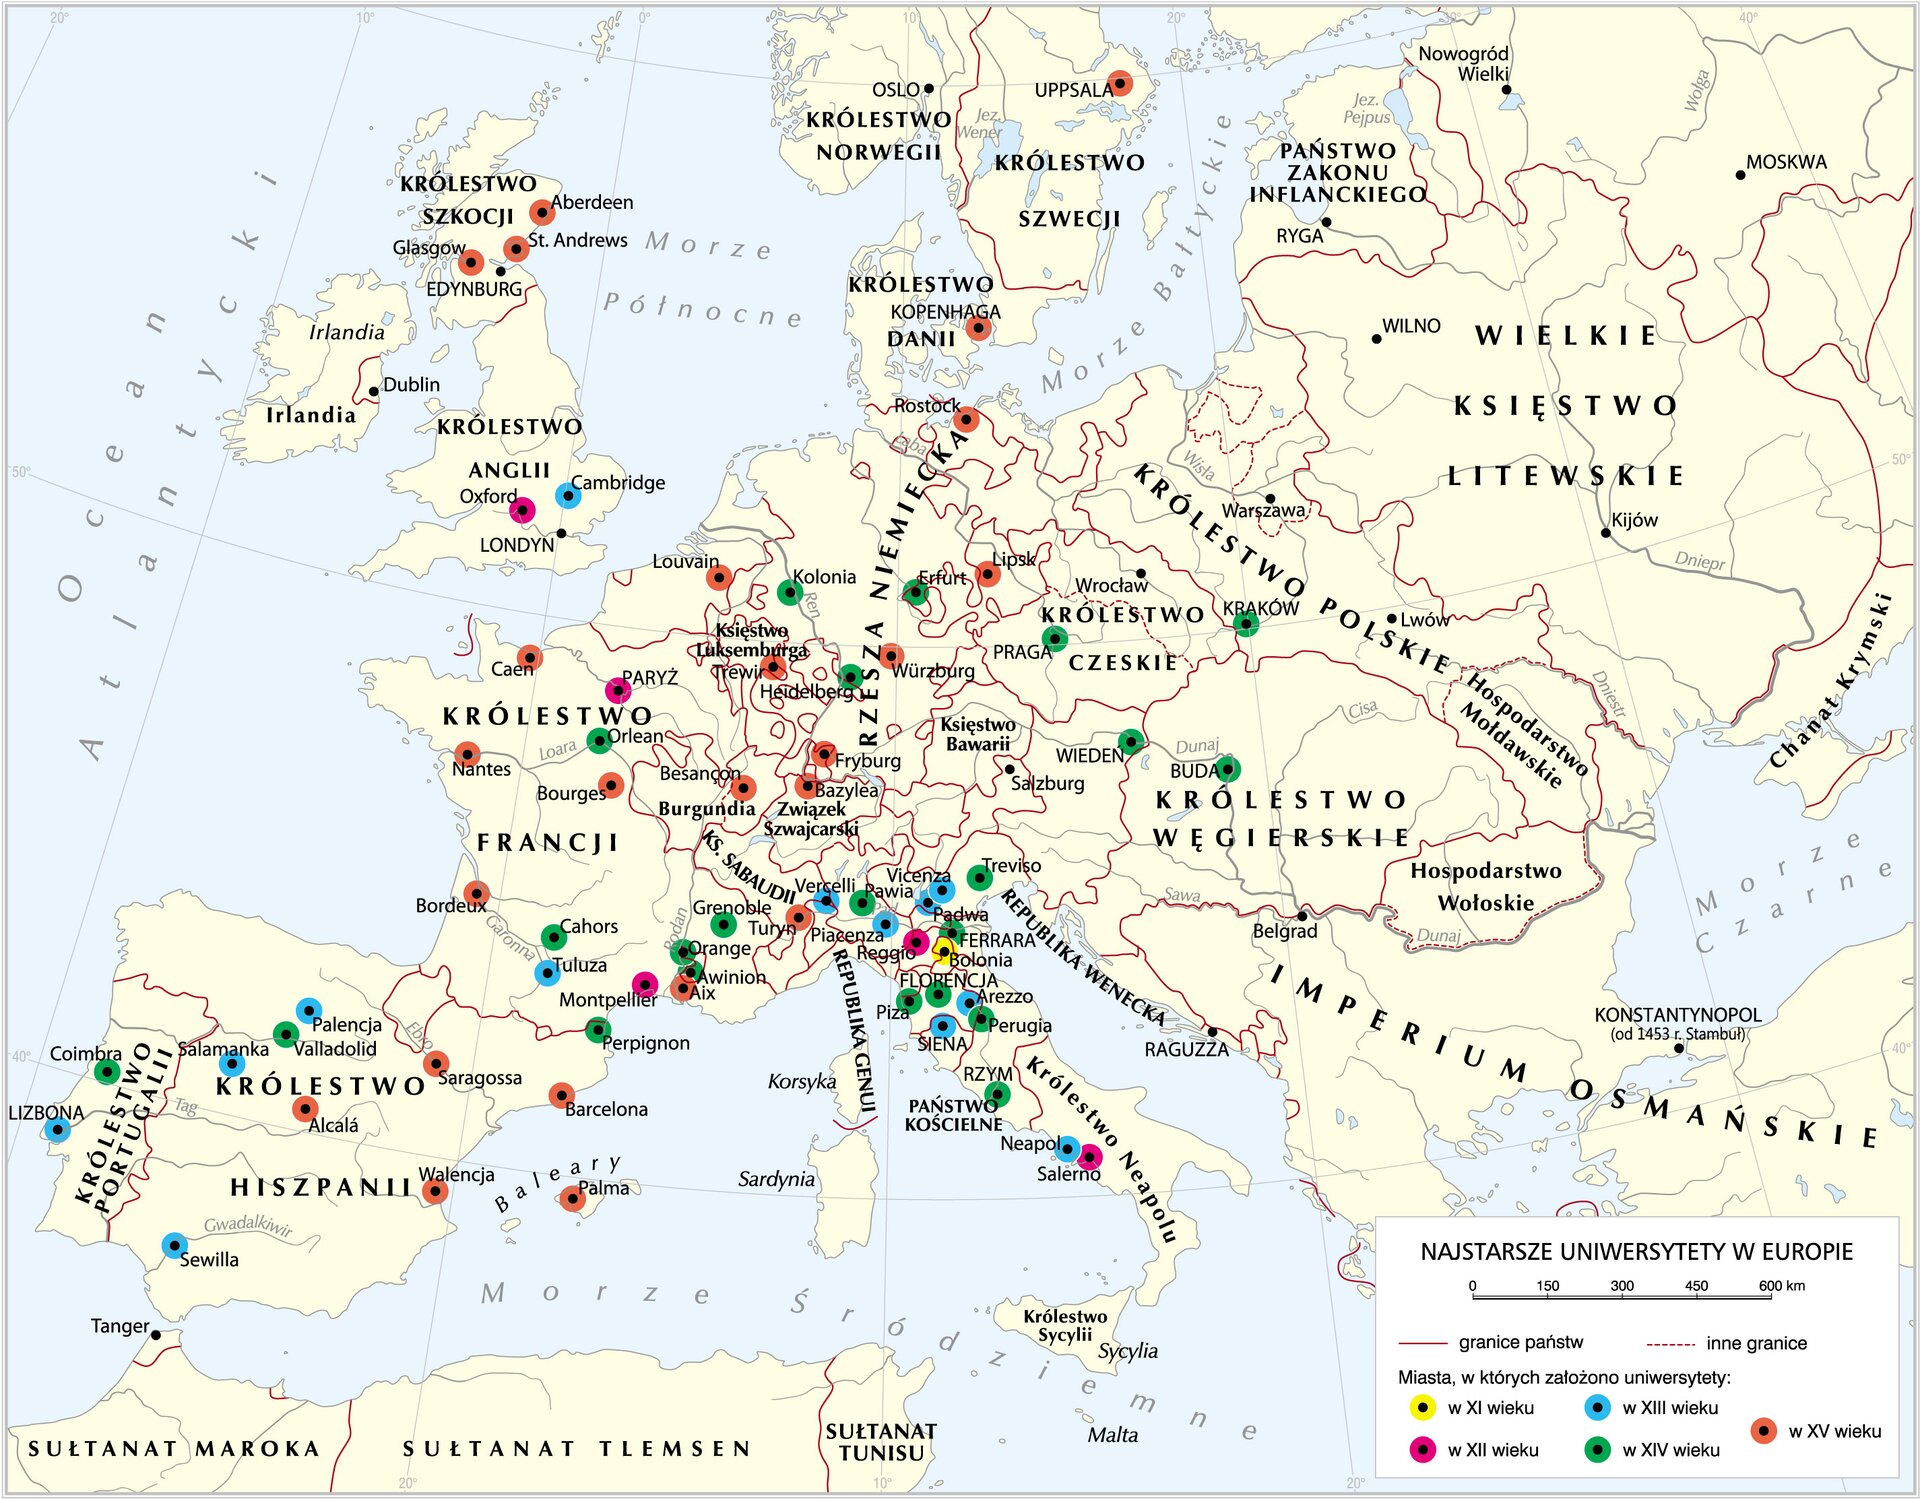 Uniwersytety wEuropie do końca XV wieku Uniwersytety wEuropie do końca XV wieku Źródło: Krystian Chariza izespół, mapa.